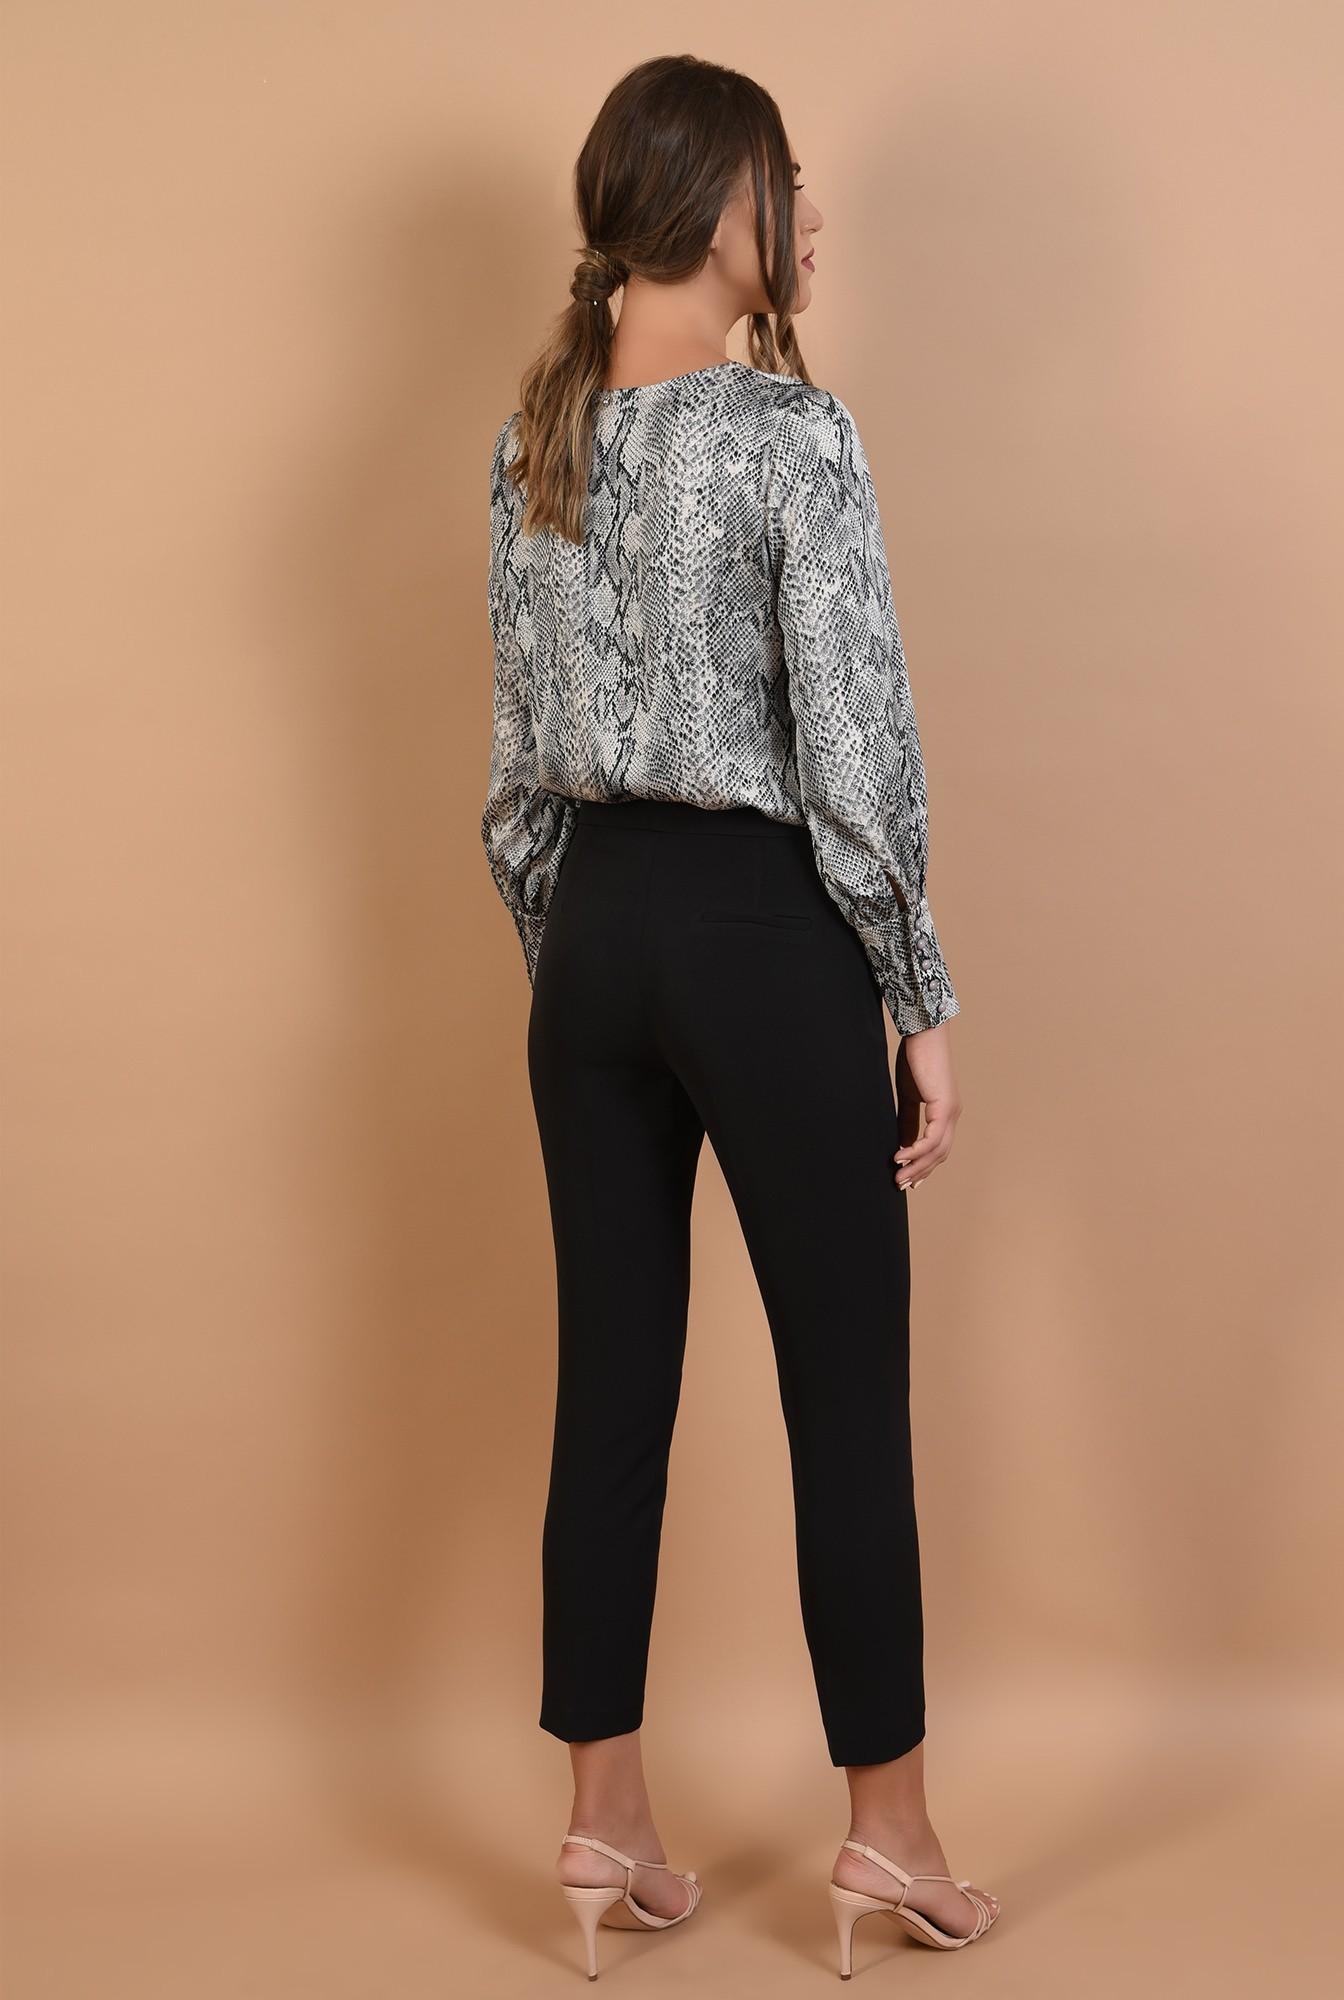 1 - 360 - pantaloni conici, cu croi la dunga, buzunare, Poema, office